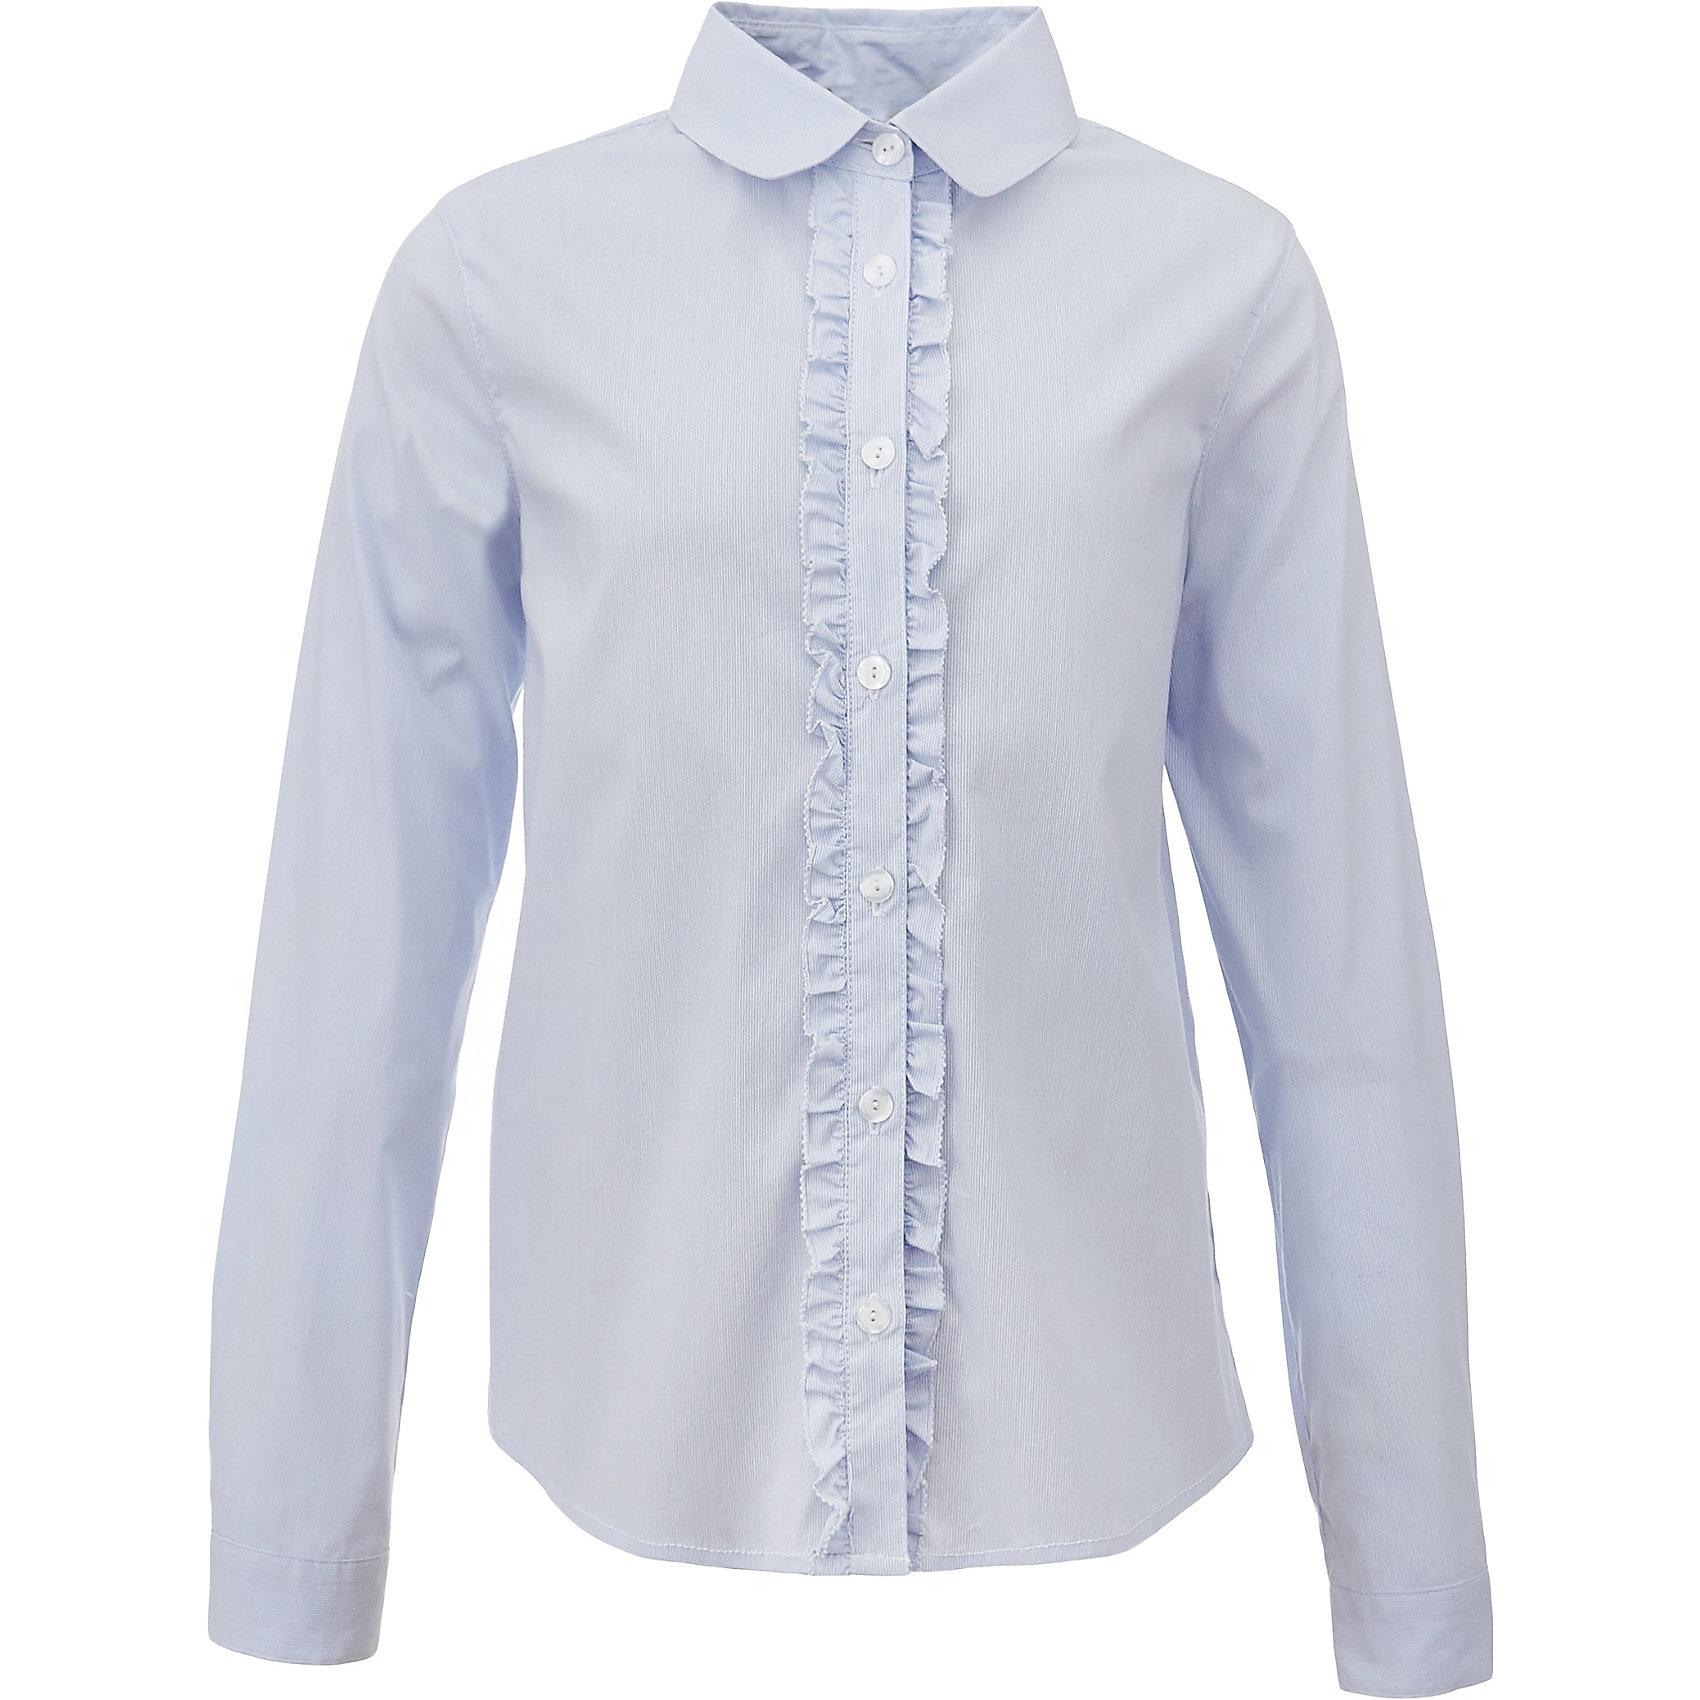 Блузка для девочки GulliverБлузки и рубашки<br>Характеристики товара:<br><br>• цвет: голубой<br>• состав: 75% хлопок, 23% полиэстер, 2% эластан <br>• сезон: демисезон<br>• с длинным рукавом<br>• застежка: пуговицы<br>• манжеты на пуговице<br>• планка декорирована рюшами<br>• особенности: школьная, однотонная<br>• страна бренда: Российская Федерация<br>• страна производства: Российская Федерация<br><br>Школьная блузка с длинным рукавом для девочки. Голубая блузка с рюшами застегивается на пуговицы. Манжеты рукавов на одной пуговице.<br><br>Блузку для девочки Gulliver (Гулливер) можно купить в нашем интернет-магазине.<br><br>Ширина мм: 186<br>Глубина мм: 87<br>Высота мм: 198<br>Вес г: 197<br>Цвет: голубой<br>Возраст от месяцев: 84<br>Возраст до месяцев: 96<br>Пол: Женский<br>Возраст: Детский<br>Размер: 170,122,134,140,146,152,158,164,128<br>SKU: 6678778